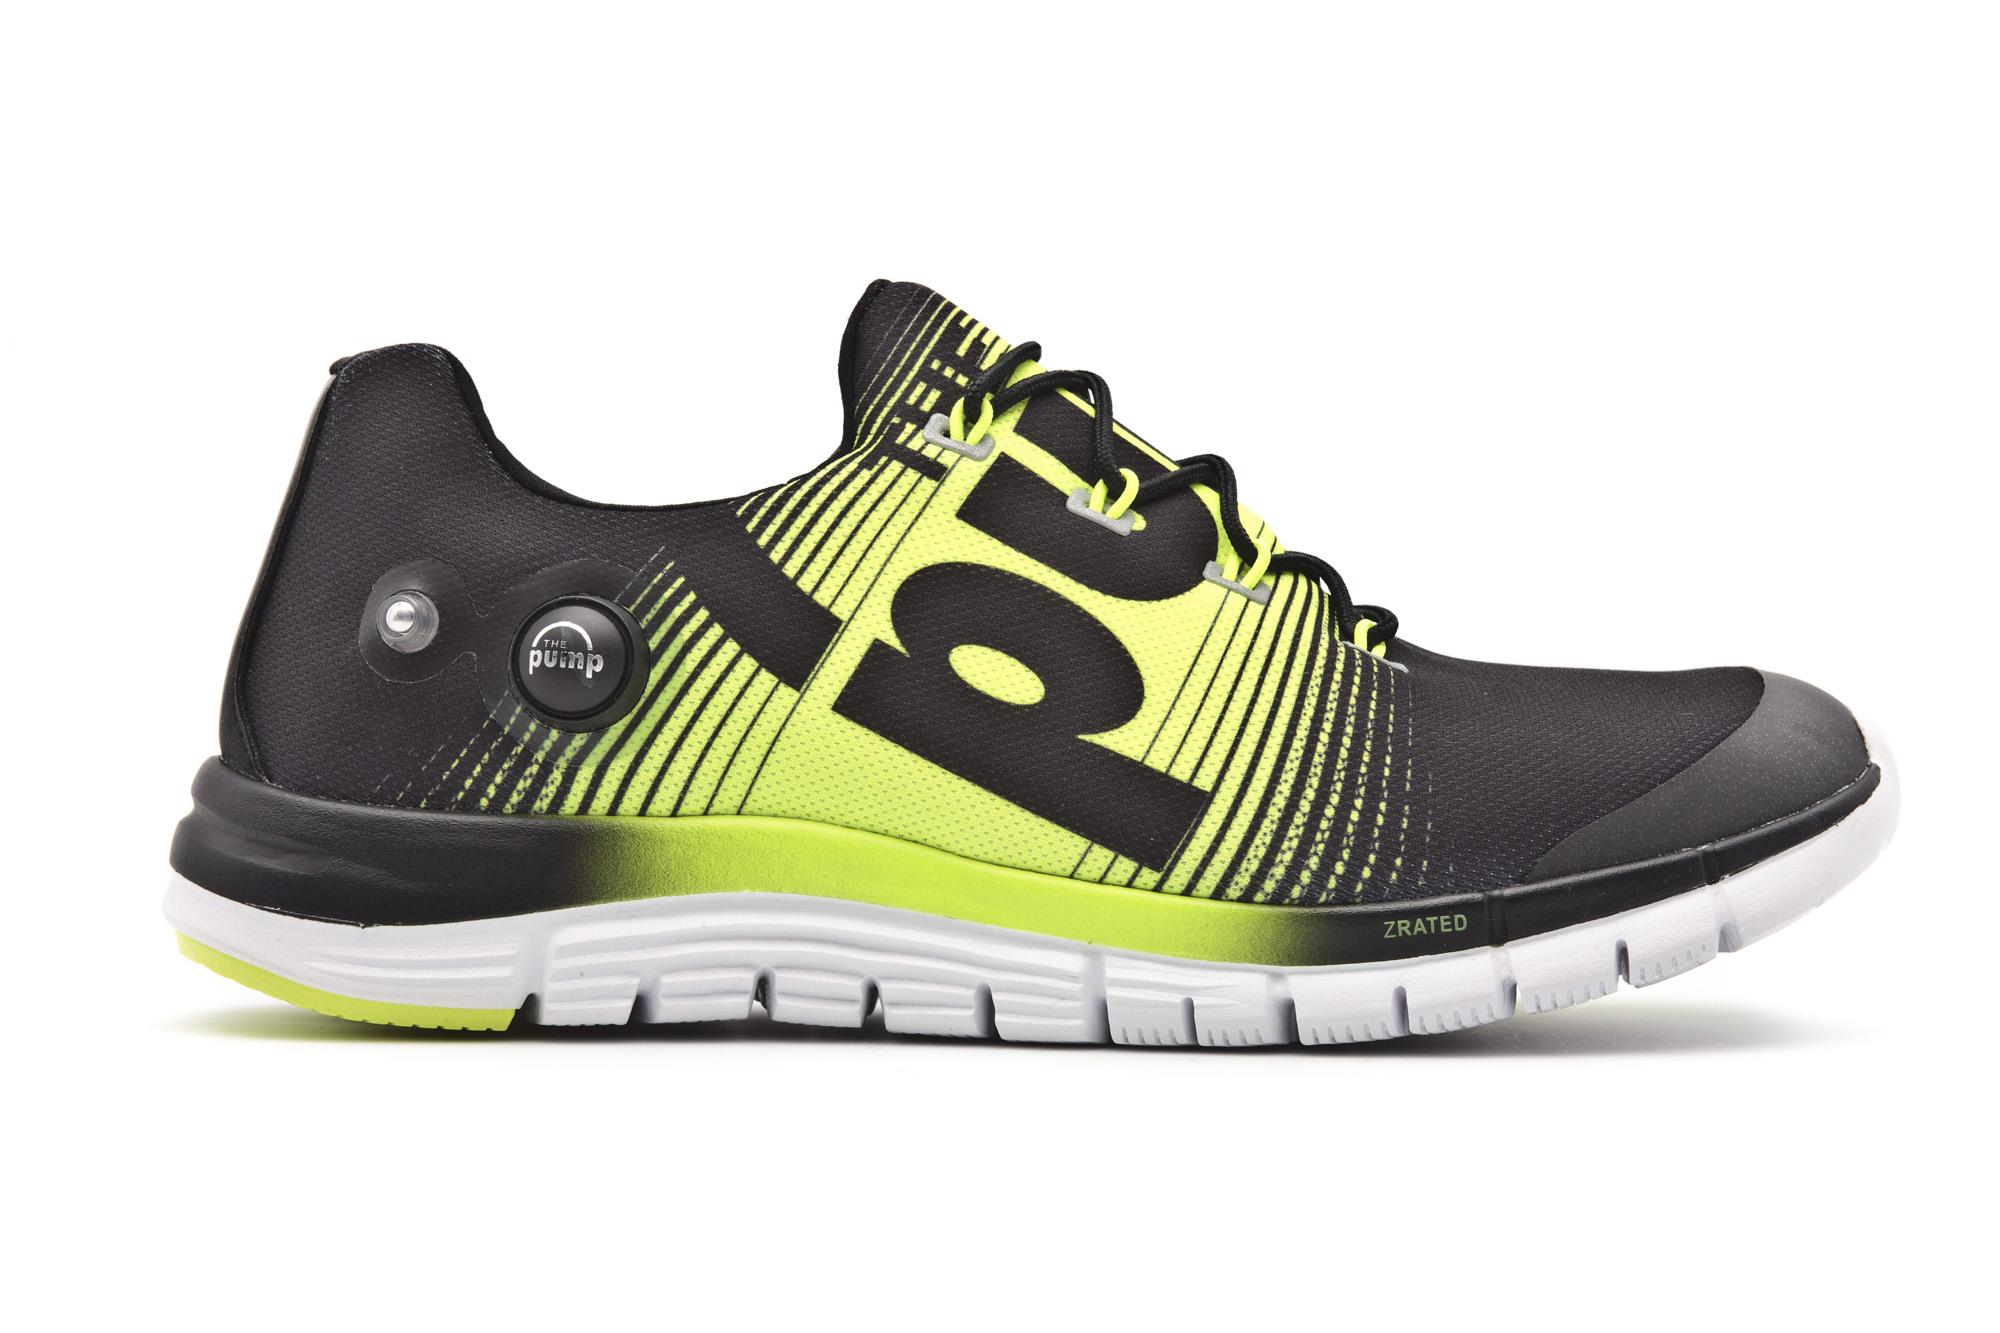 0ebd8e947e5 zapatillas reebok mujer modelos nuevos baratas  OFF62% rebajas